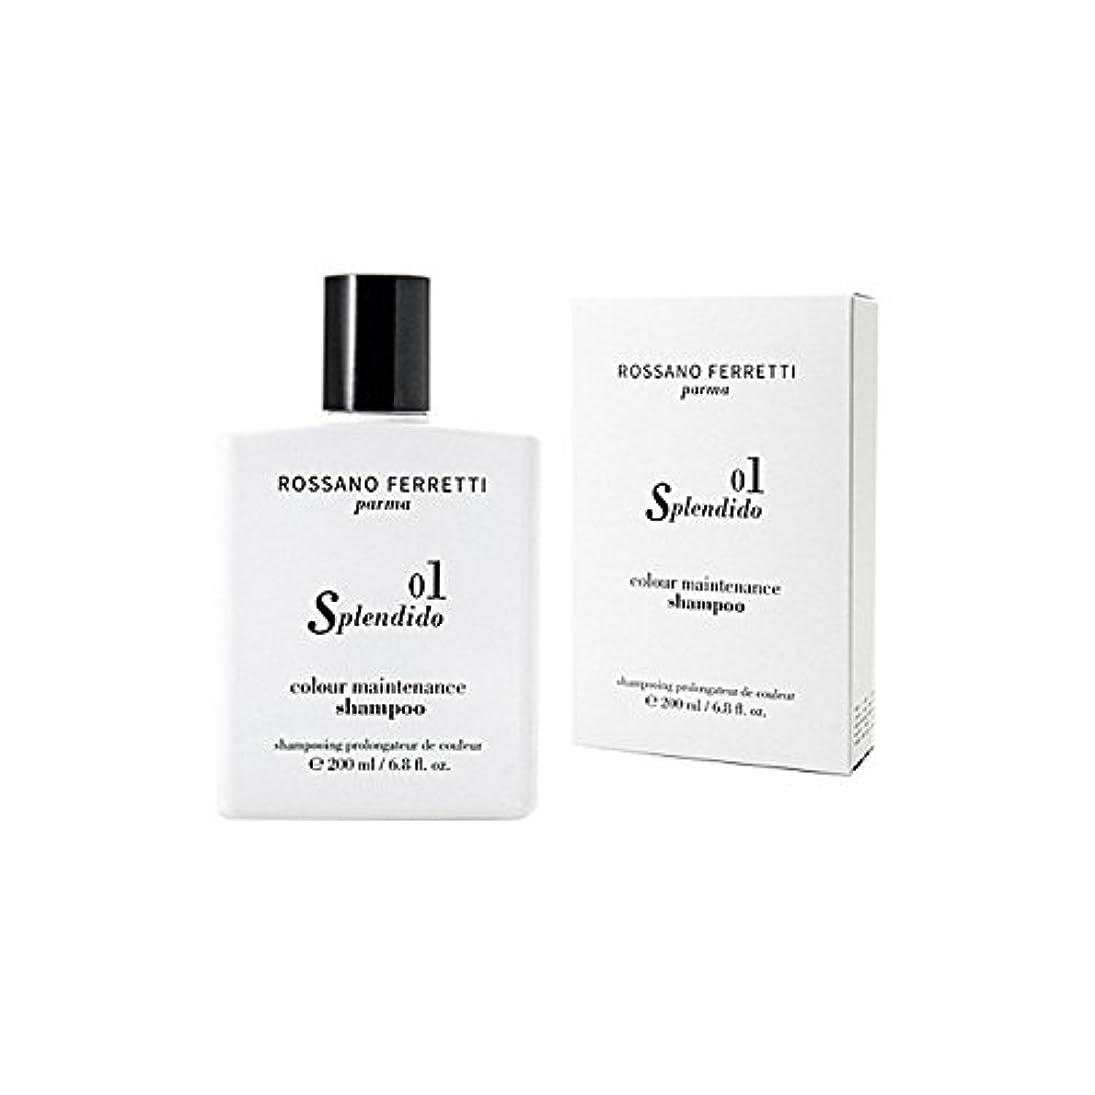 主導権ライブ肌ロッサノフェレッティパルマスプレンディードカラーメンテナンスシャンプー200ミリリットル x4 - Rossano Ferretti Parma Splendido Colour Maintenance Shampoo 200ml (Pack of 4) [並行輸入品]